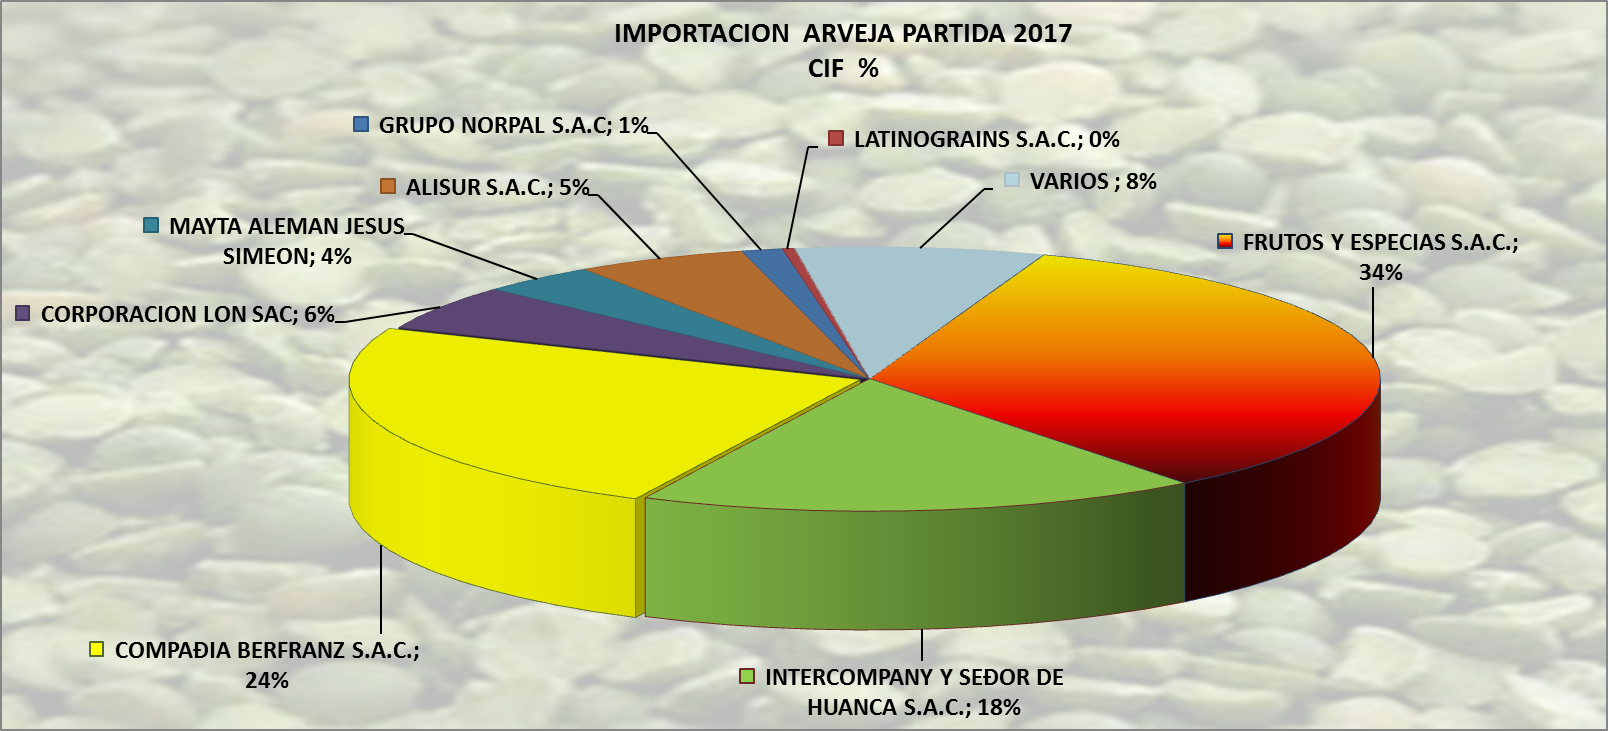 Arveja Partida Perú Importación 2017 Agosto